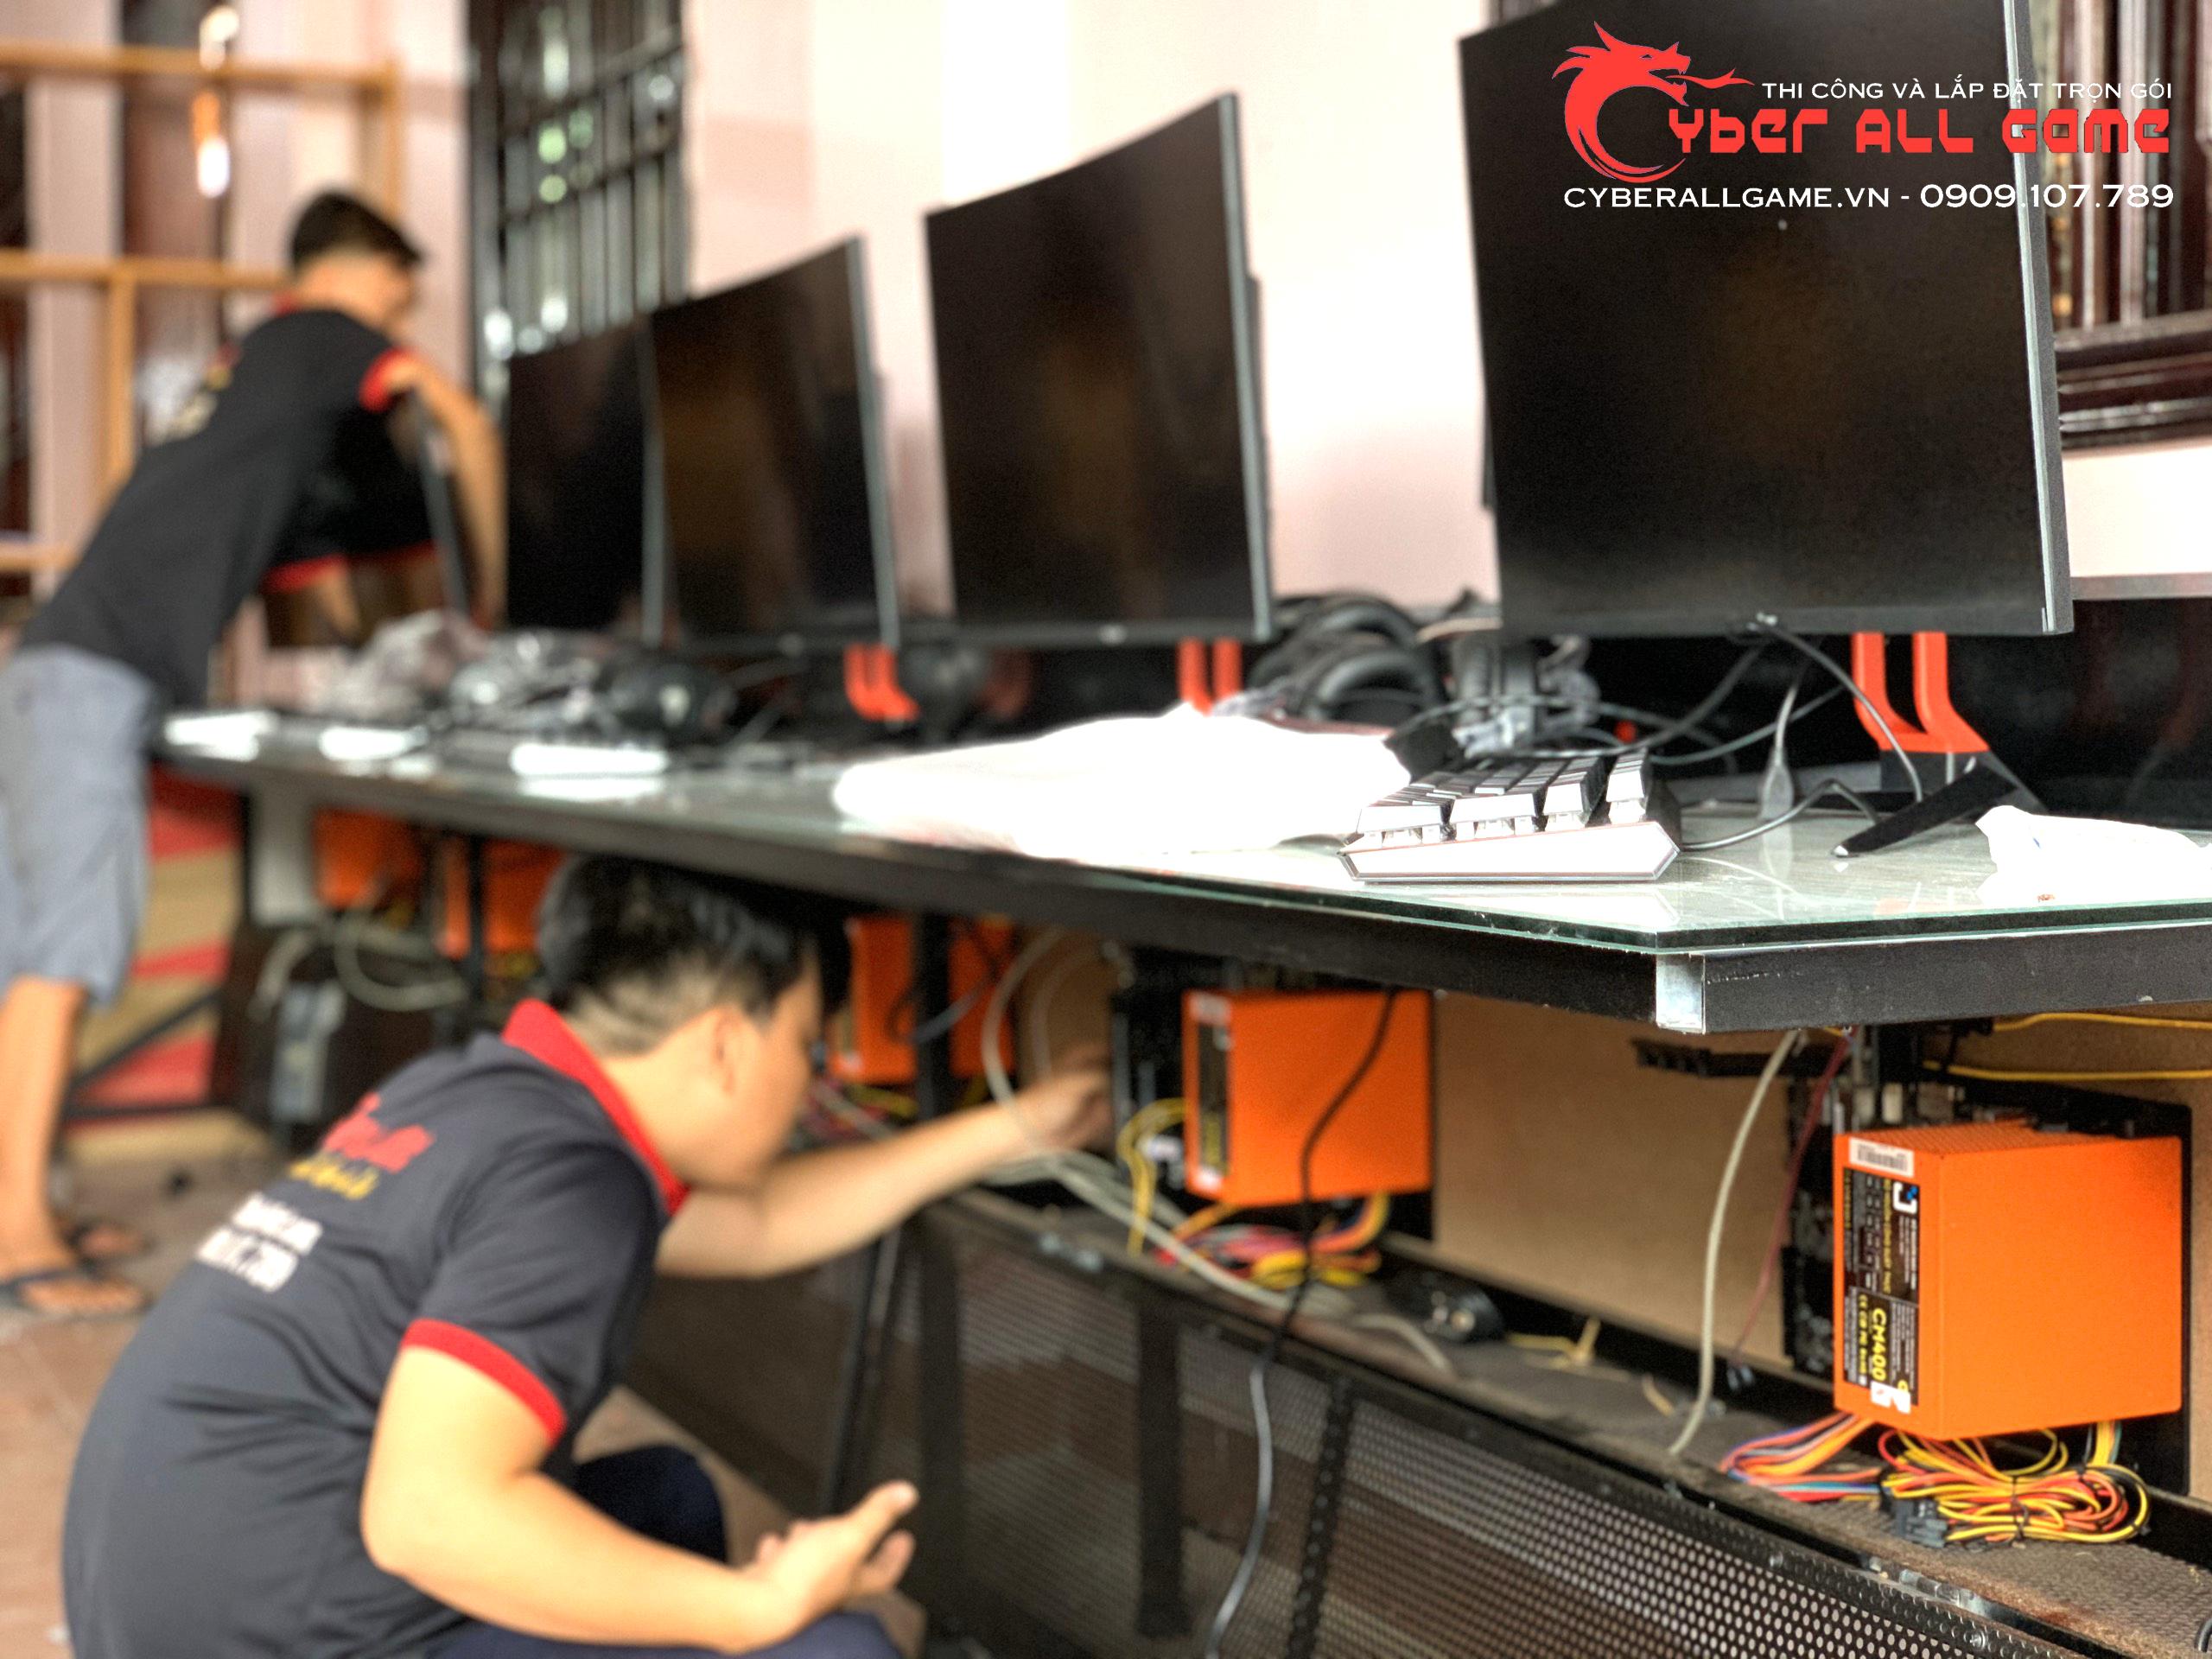 Nâng Cấp Cyber Game